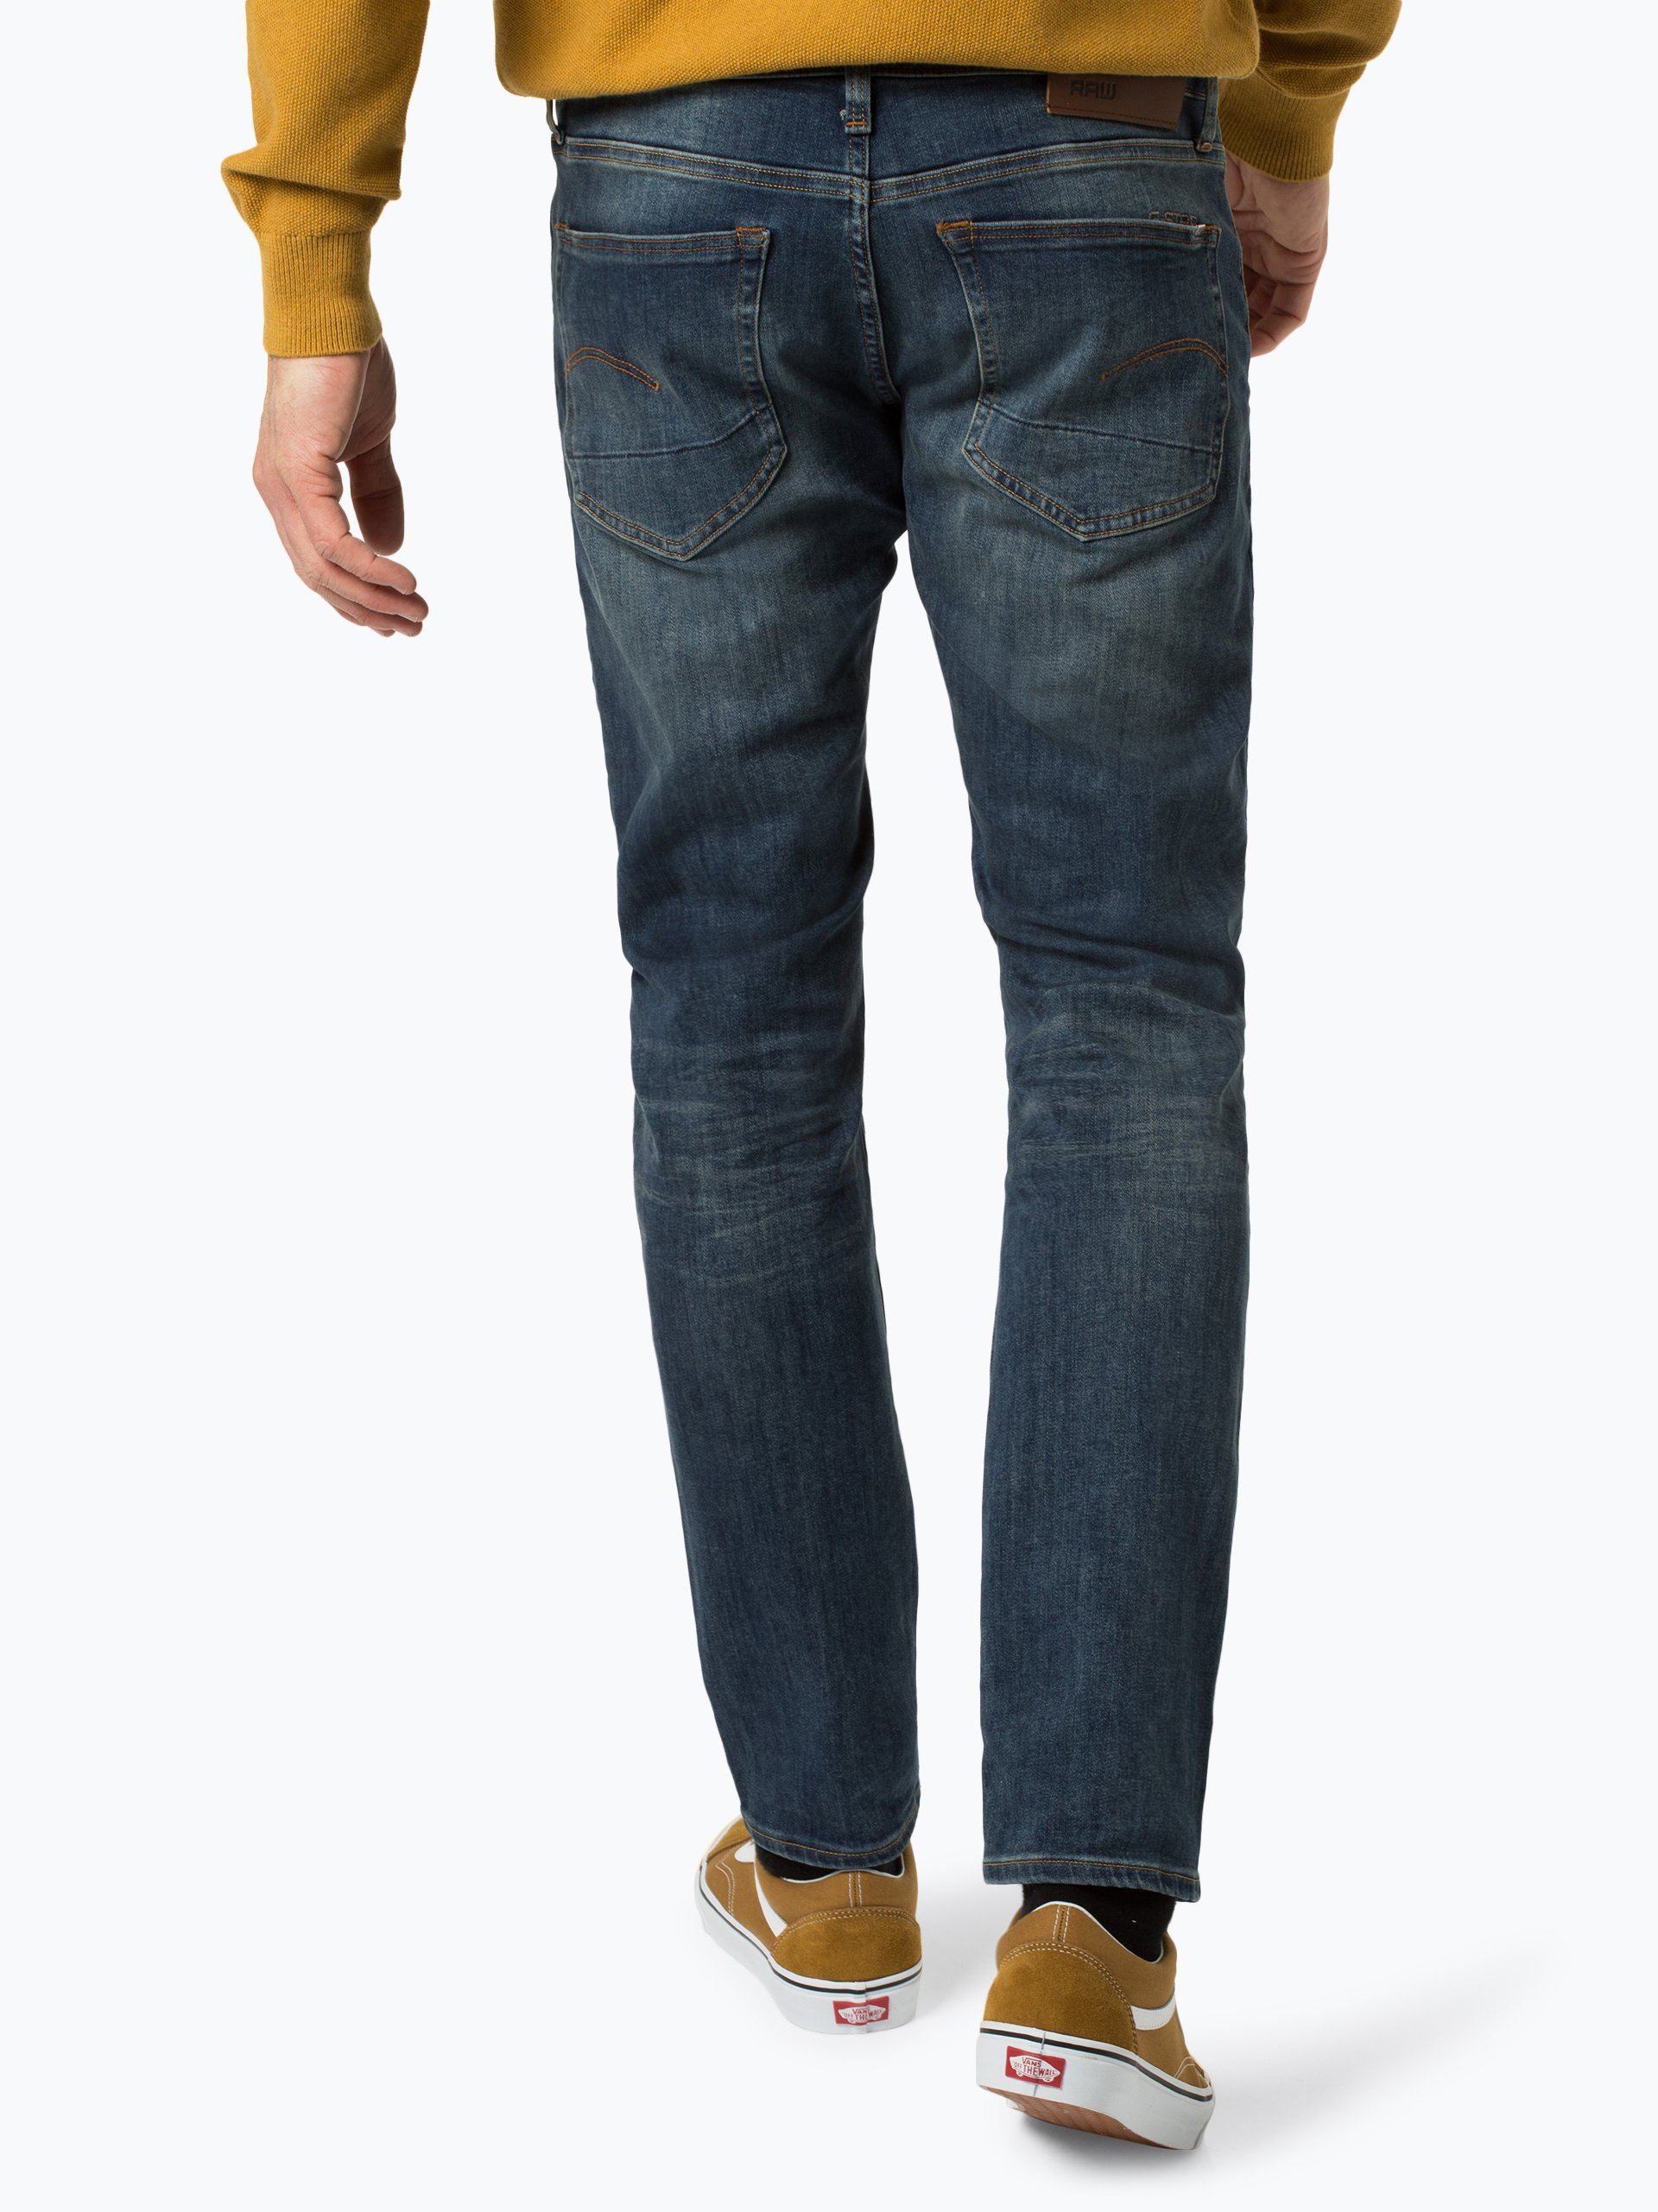 G-Star Herren Jeans - 3301 Slim